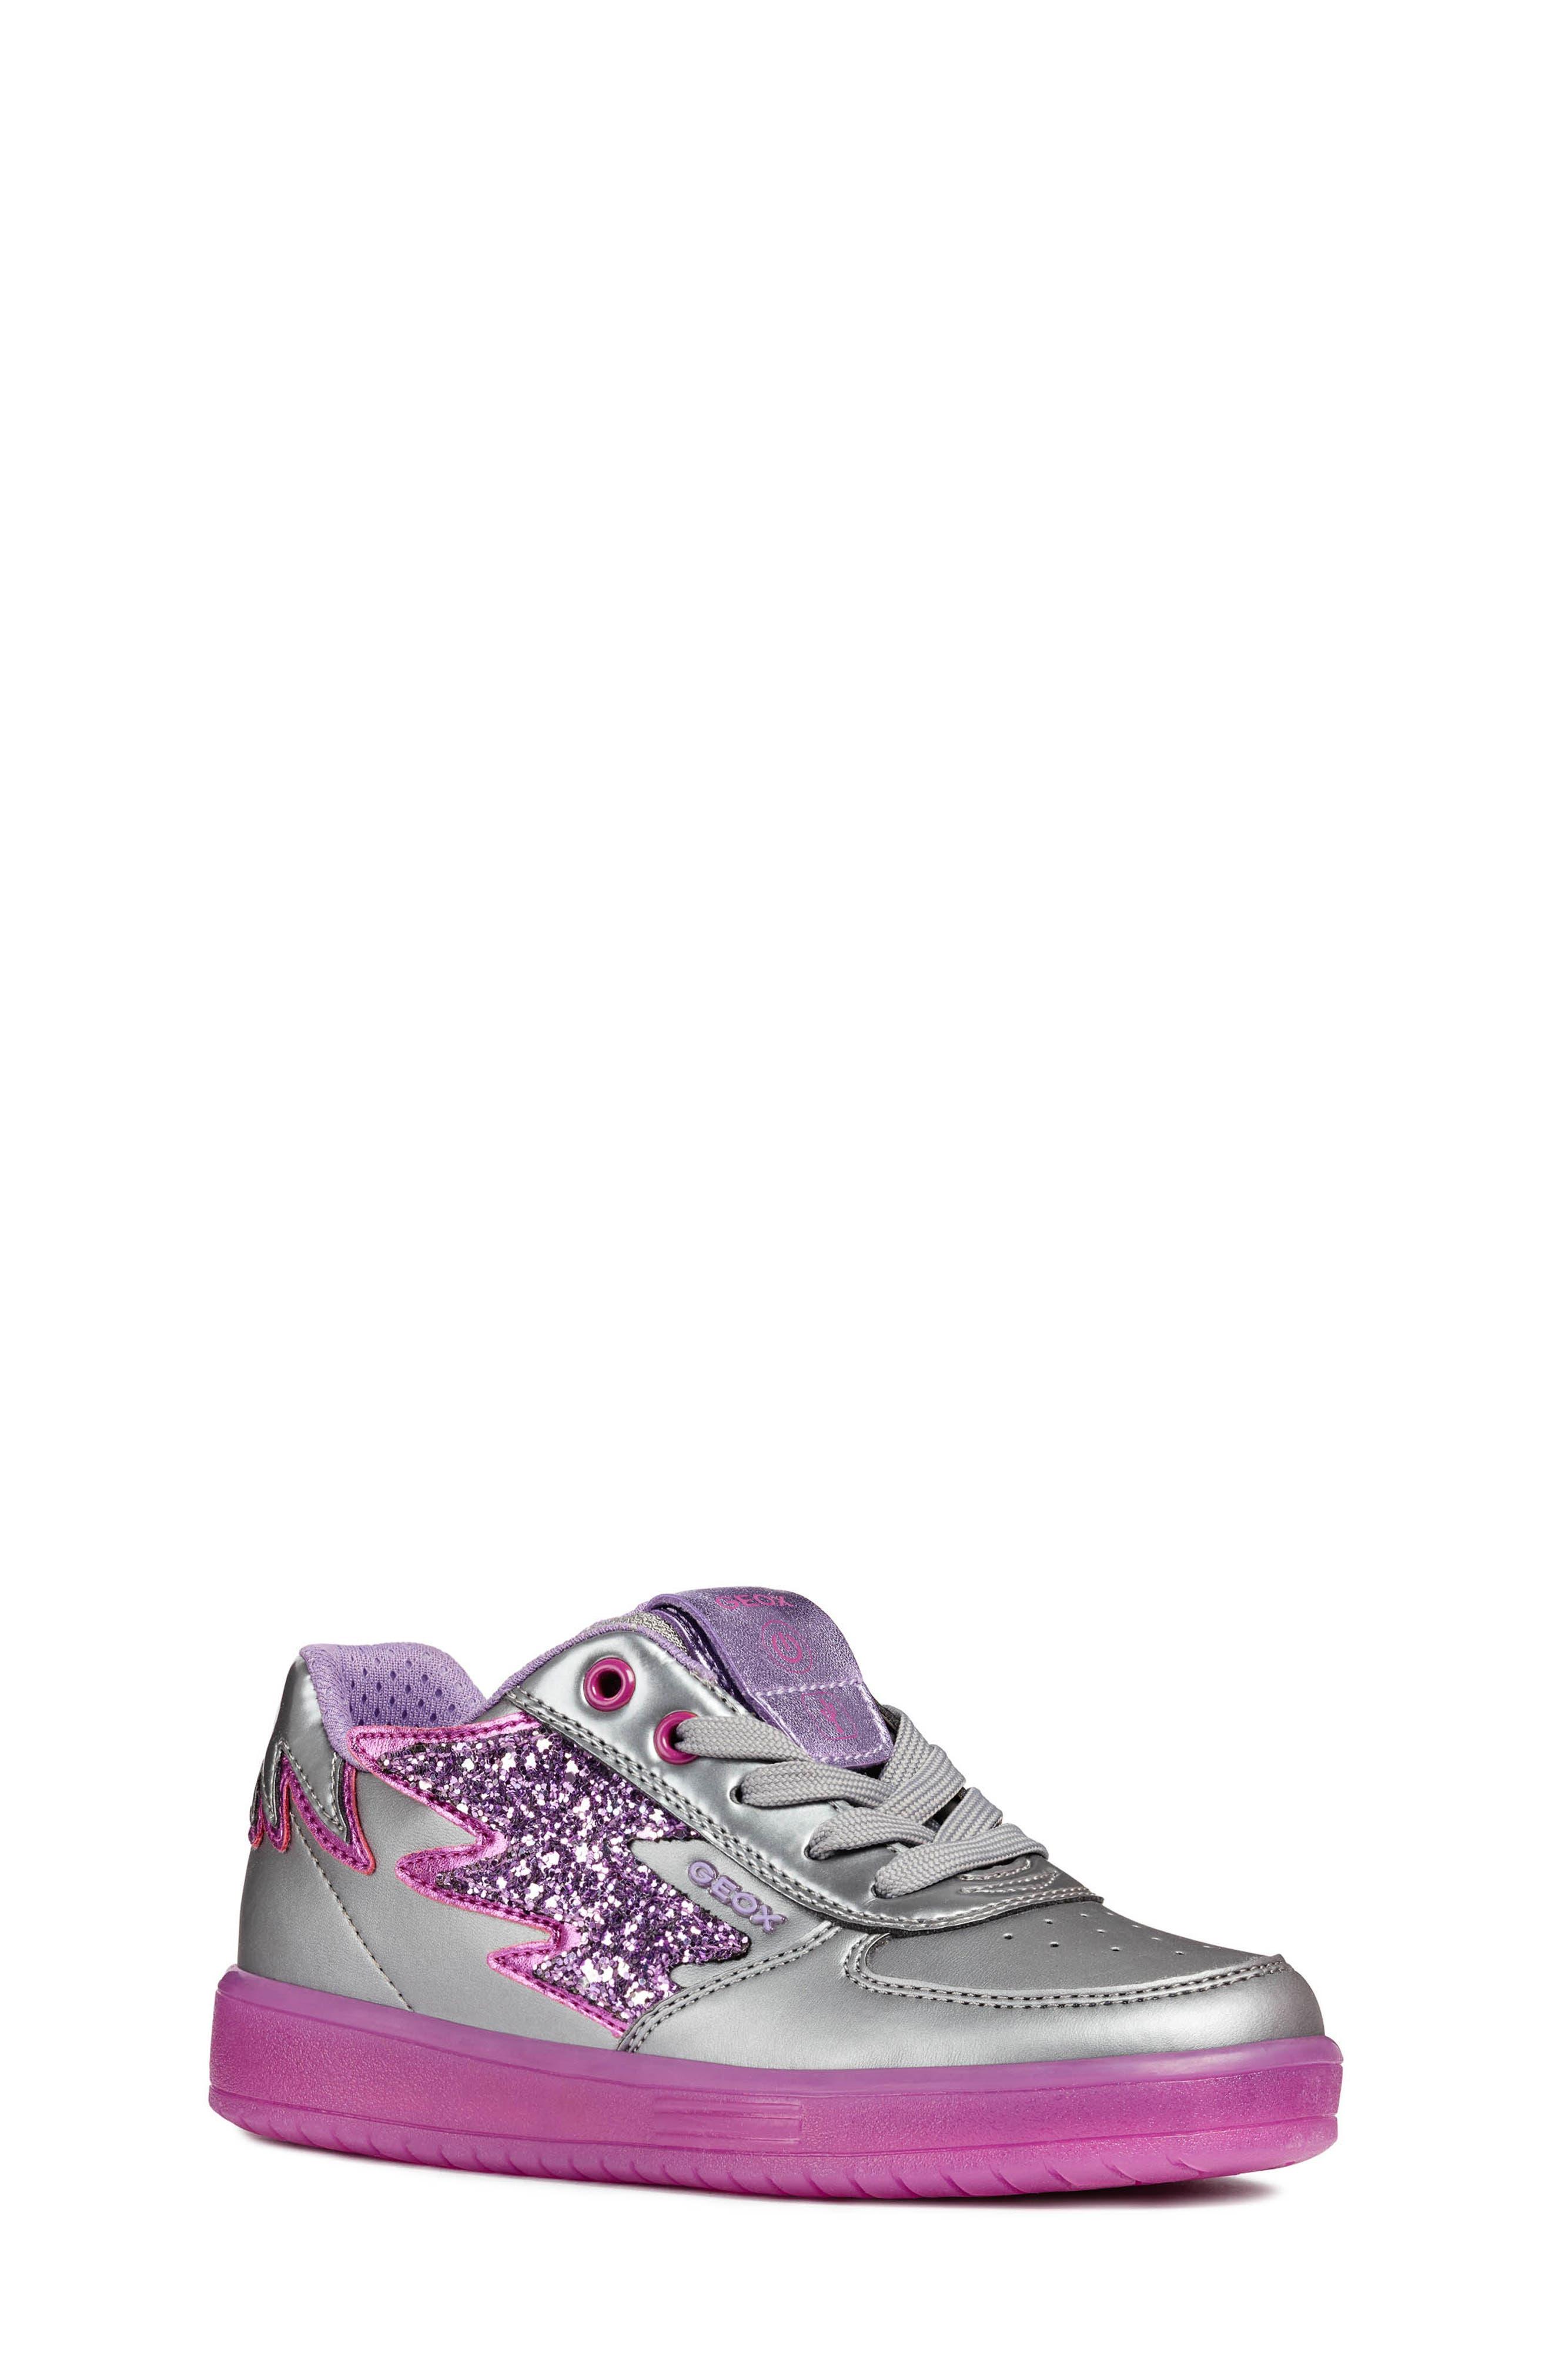 Kommodor Glitter Light Up Sneaker,                         Main,                         color, DARK SILVER/LILAC